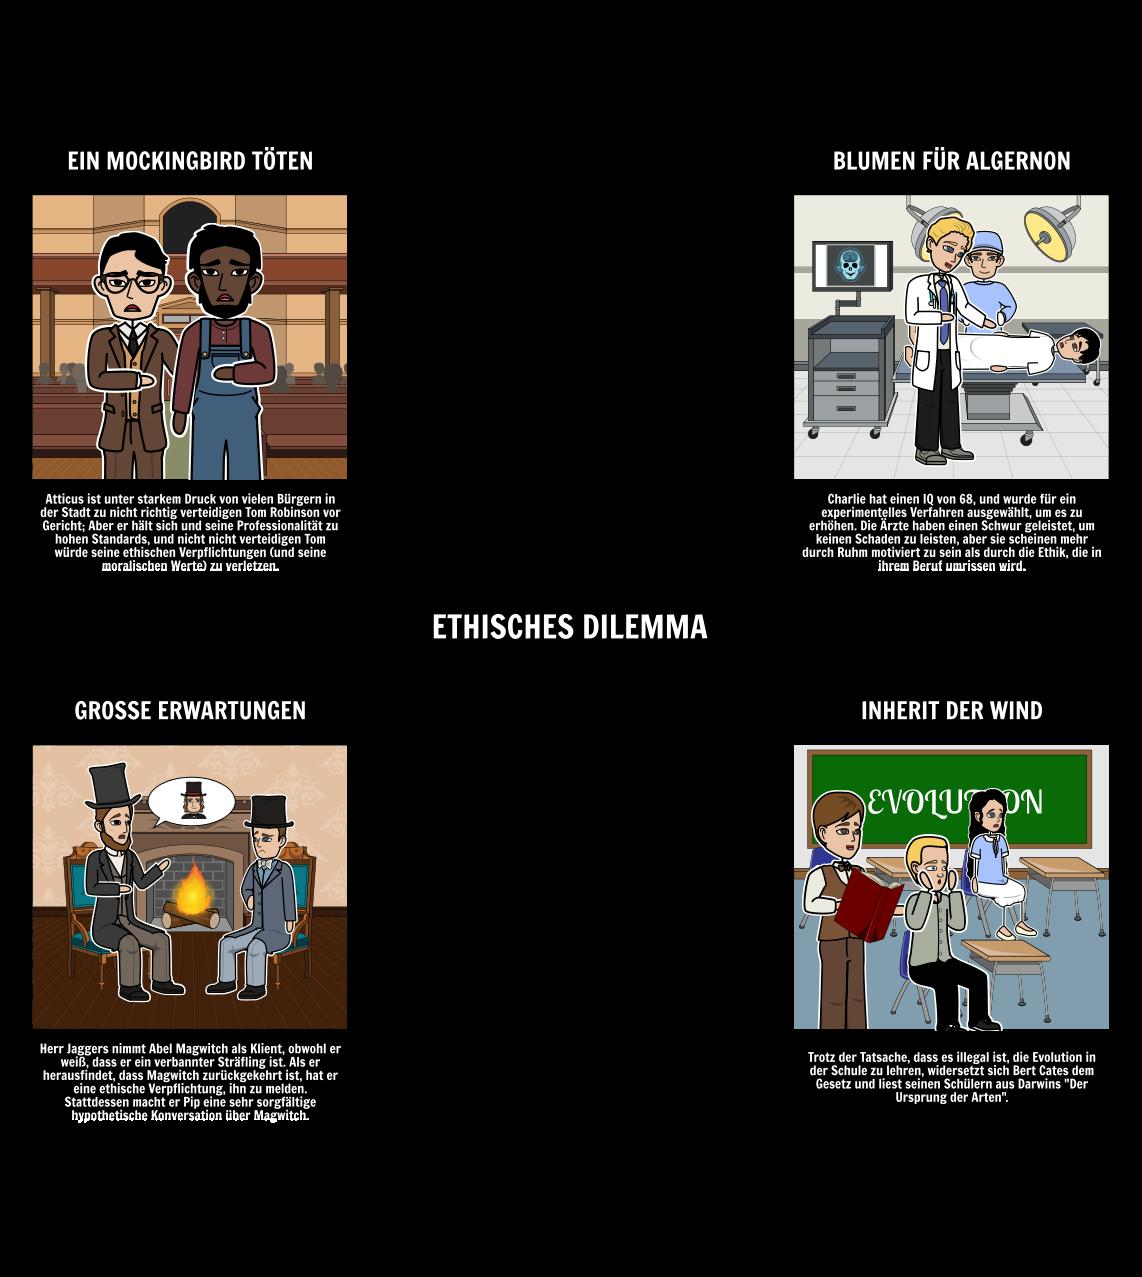 Beispiele Fur Moralische Dilemmata In Der Literatur